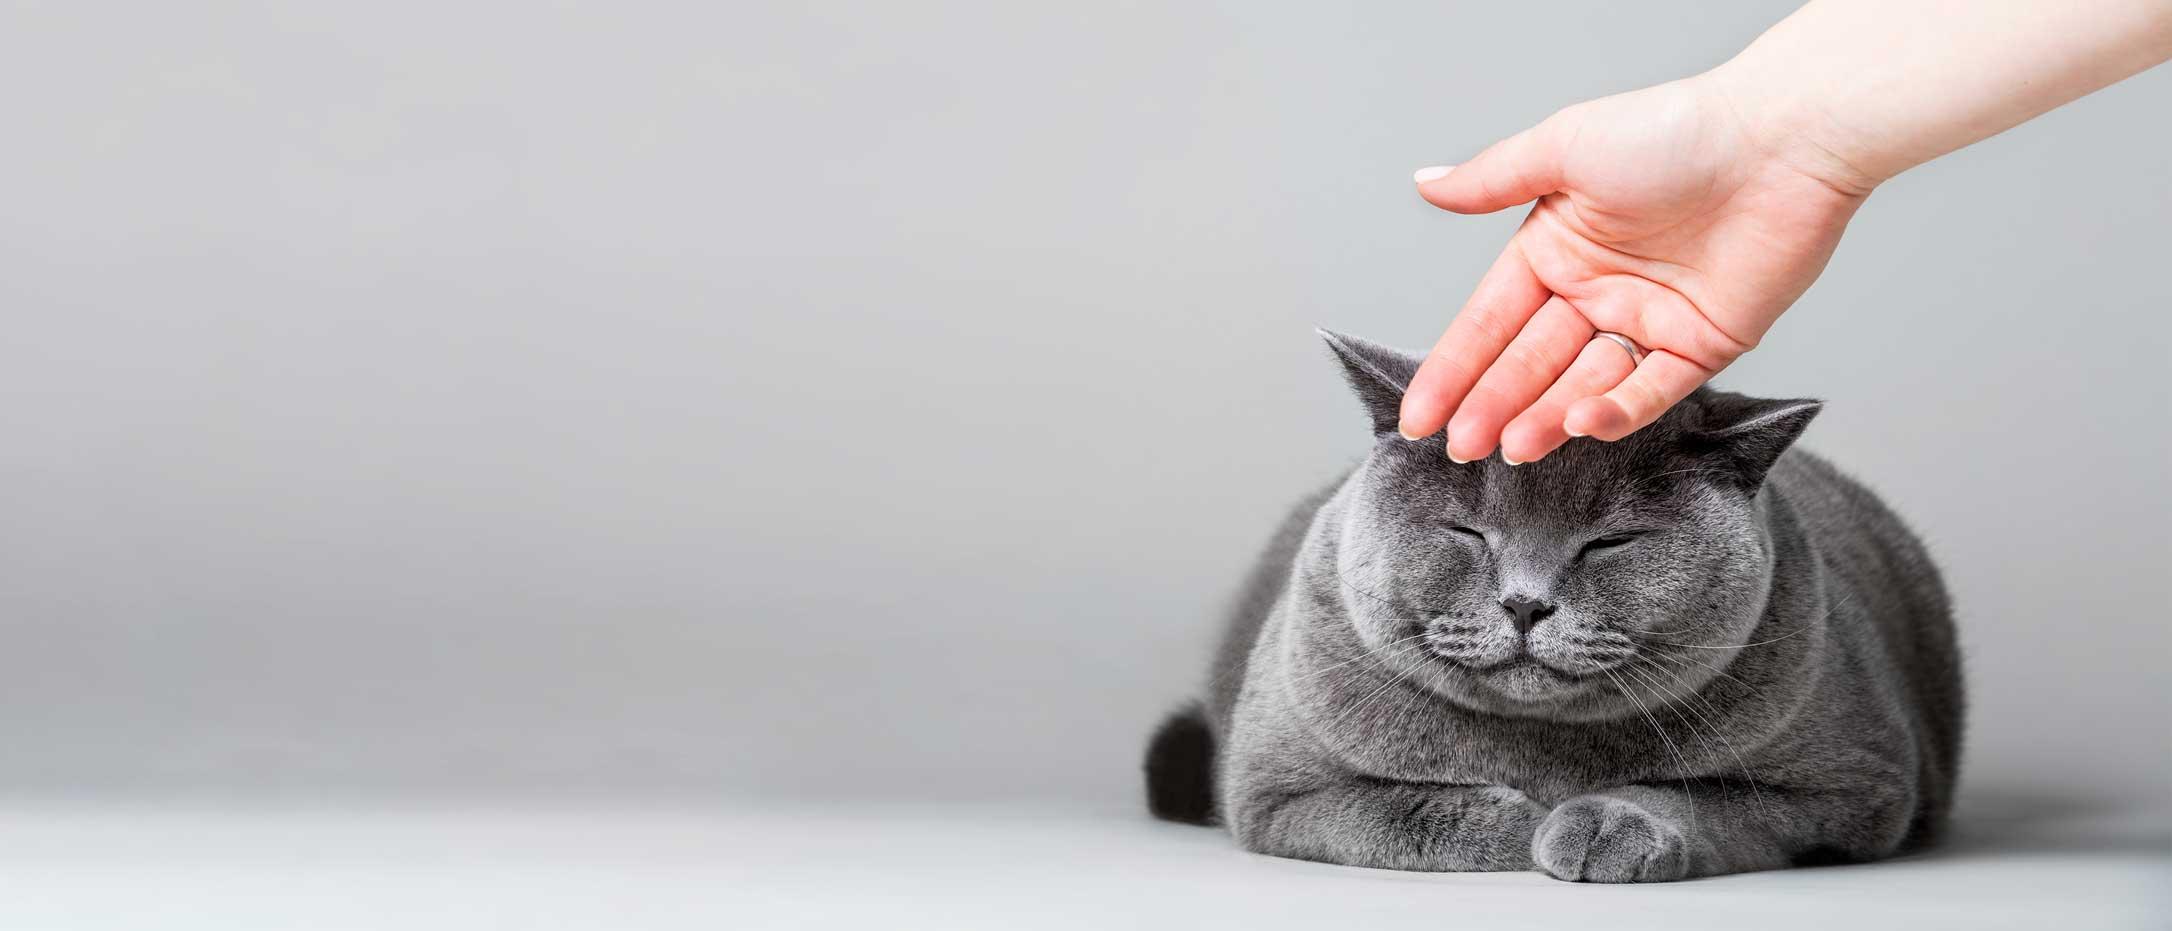 Un gros chat gris avec les yeux fermés se faisant flatter la tête et qui semble afficher un sourire. Clinique vétérinaire Lachine